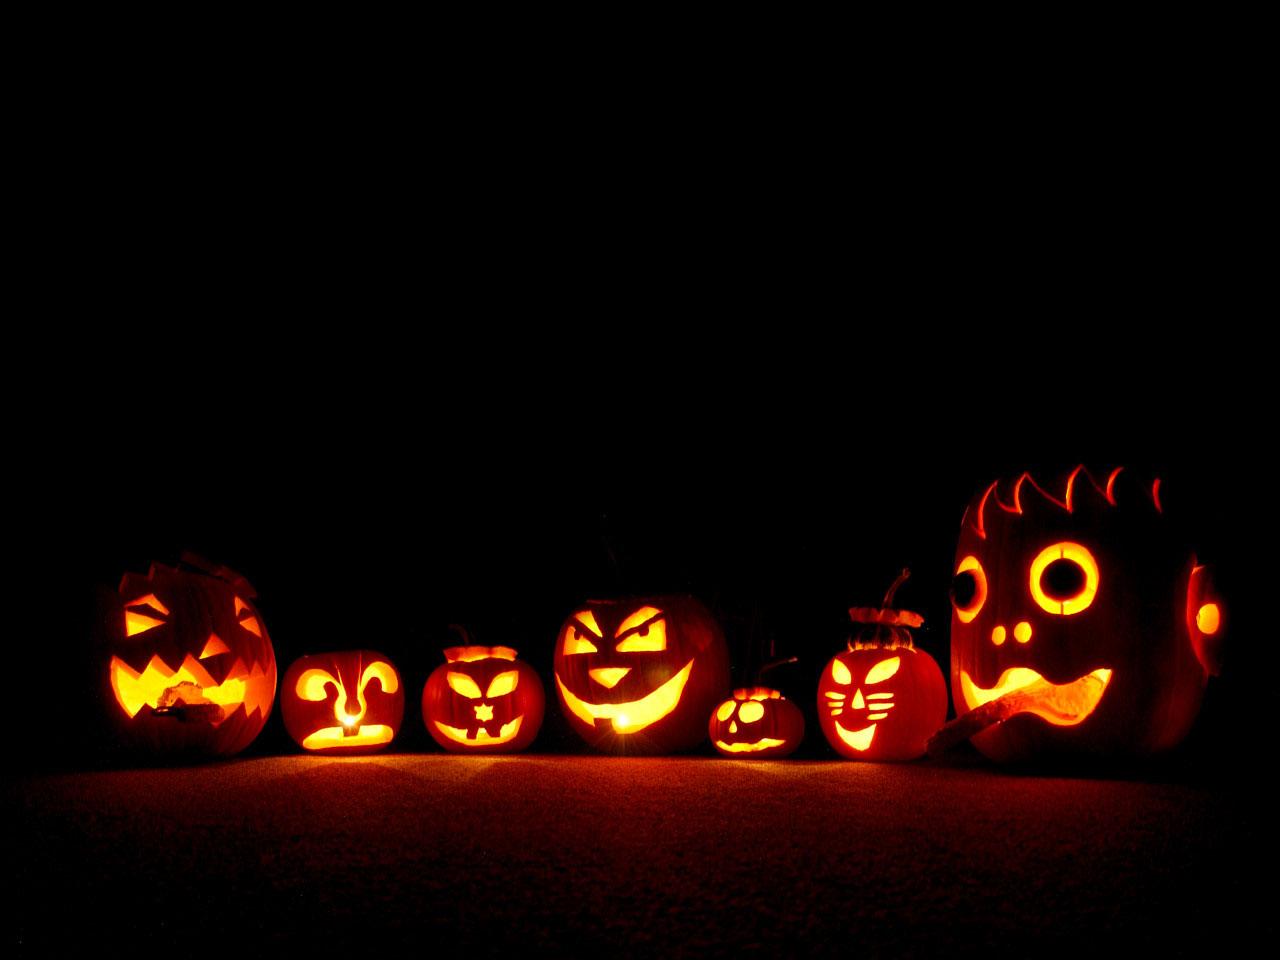 Halloween HD wallpaper Halloween wallpapers 1280x960